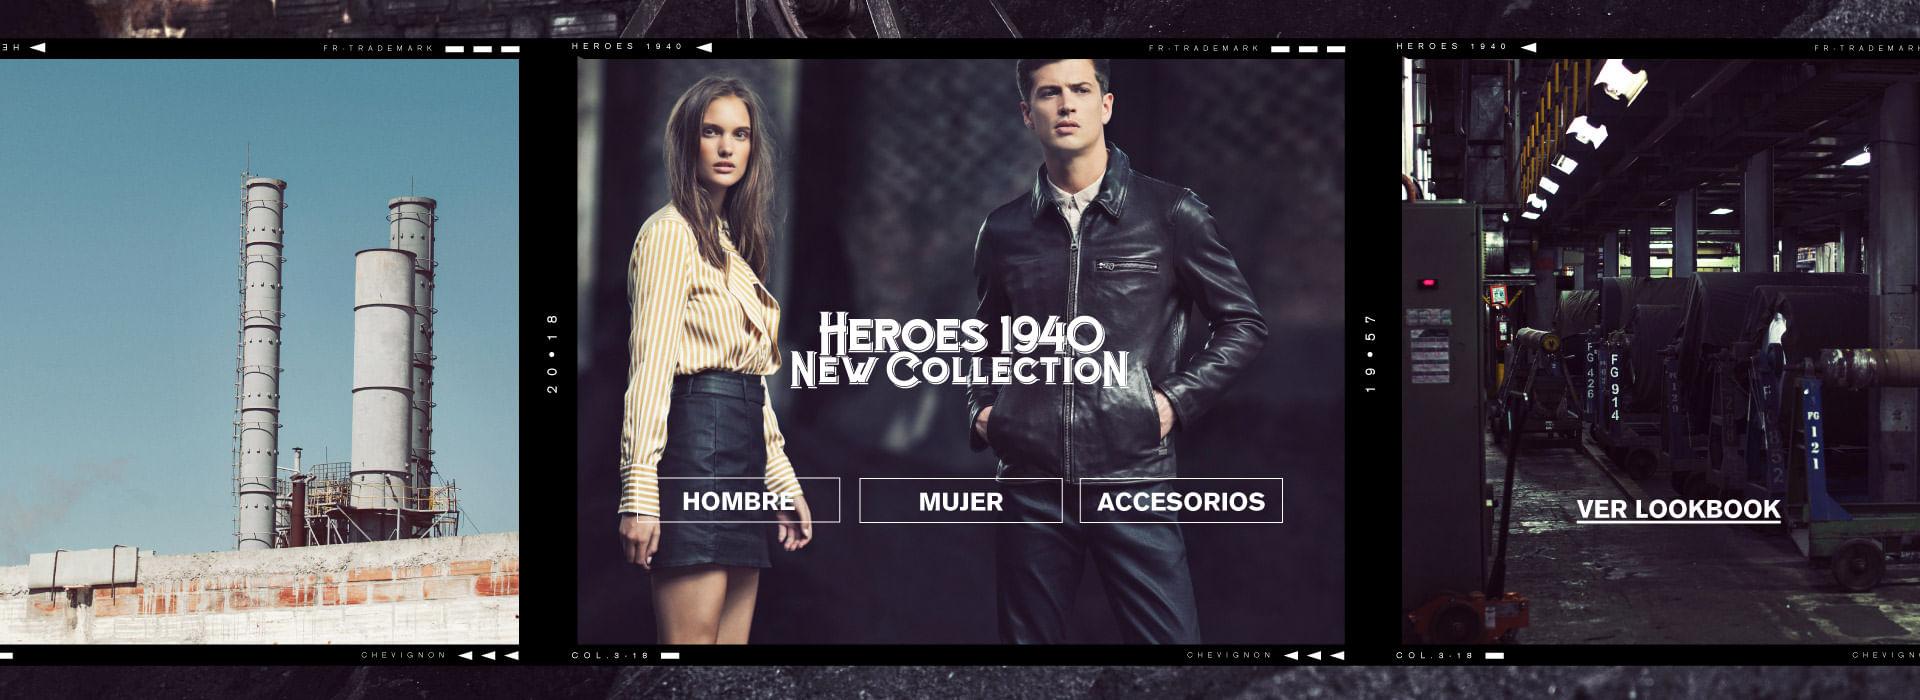 Nueva Colección Heroes 1940